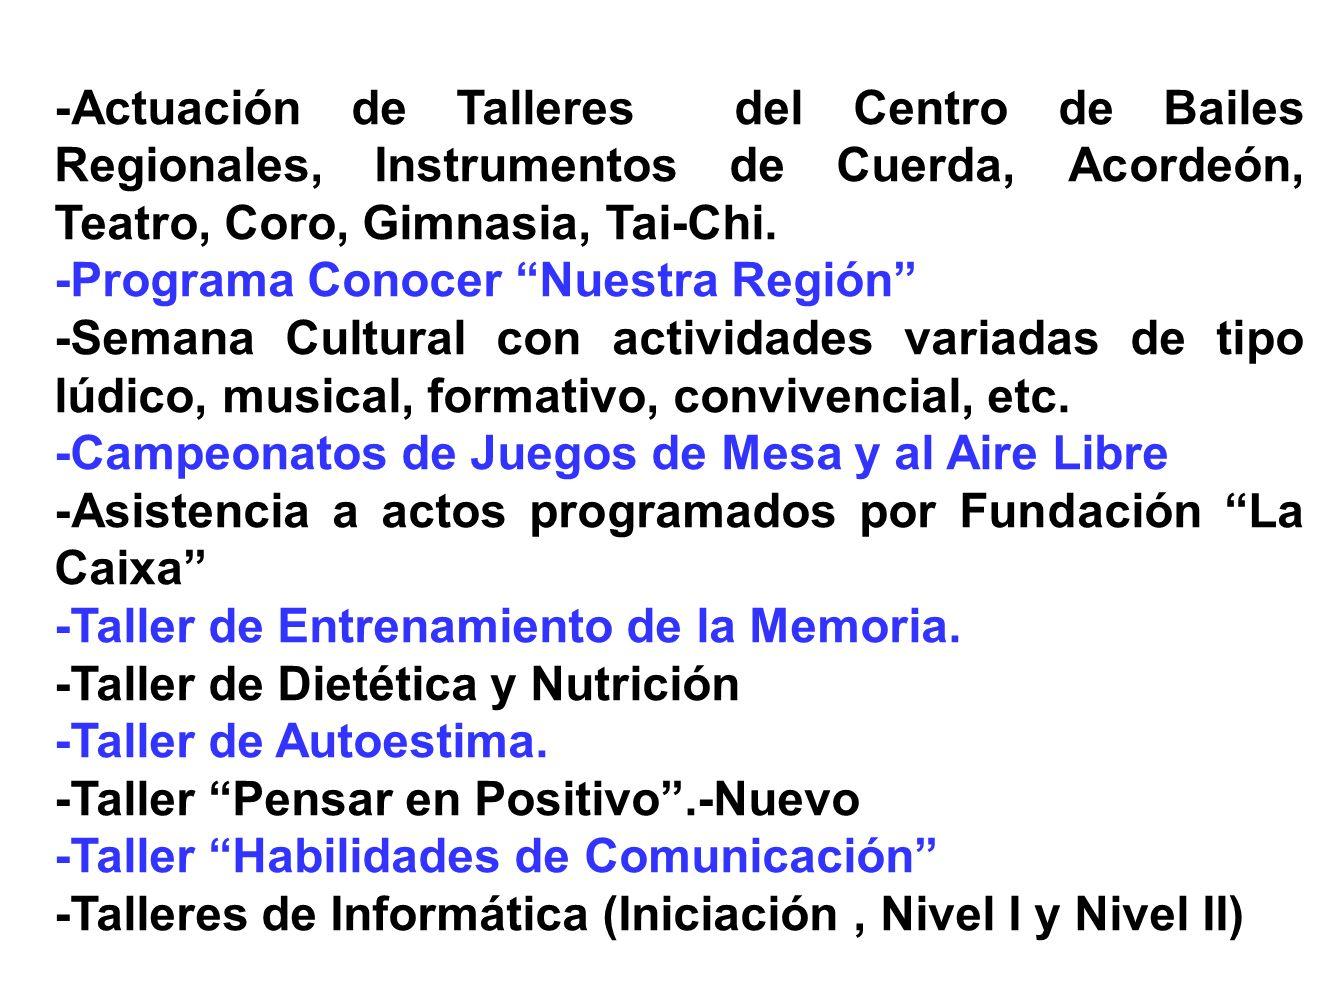 Las ACTIVIDADES que se llevarán a cabo en el 2007, son las siguientes: -Baile de Convivencia dominical y en festivos -Programa Turismo Social -Excusio